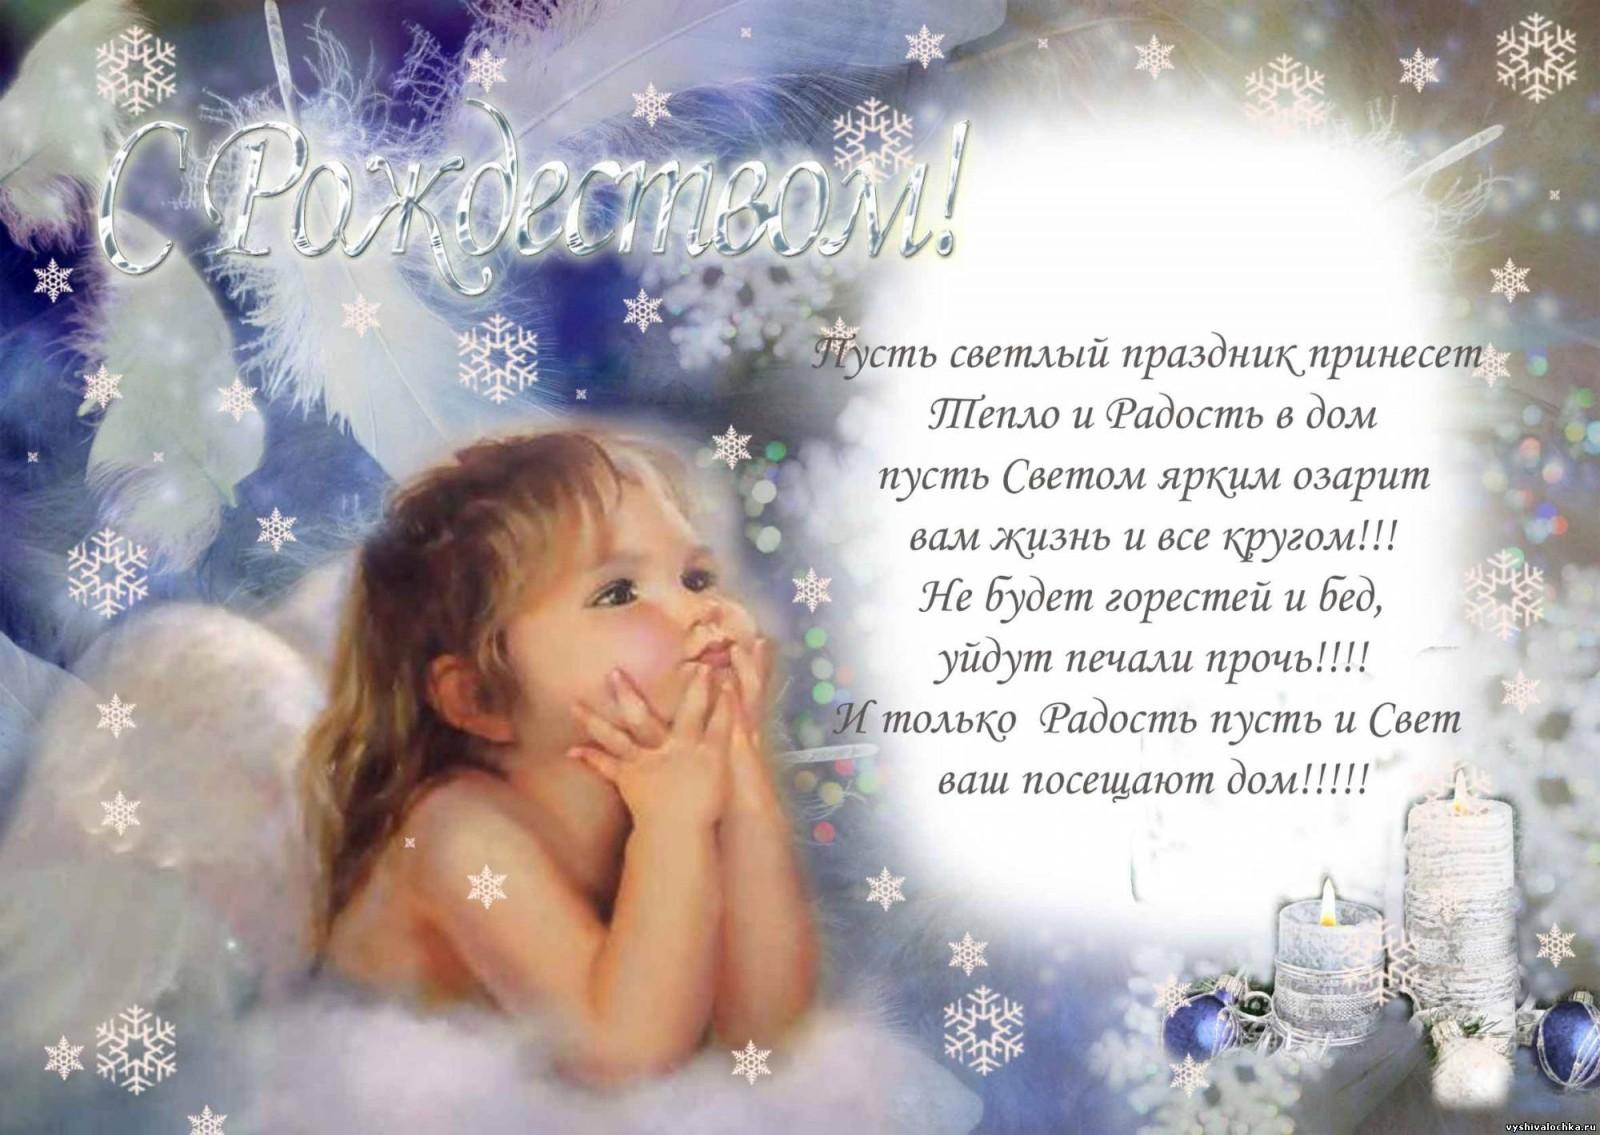 http://s3.uploads.ru/RvOsj.jpg